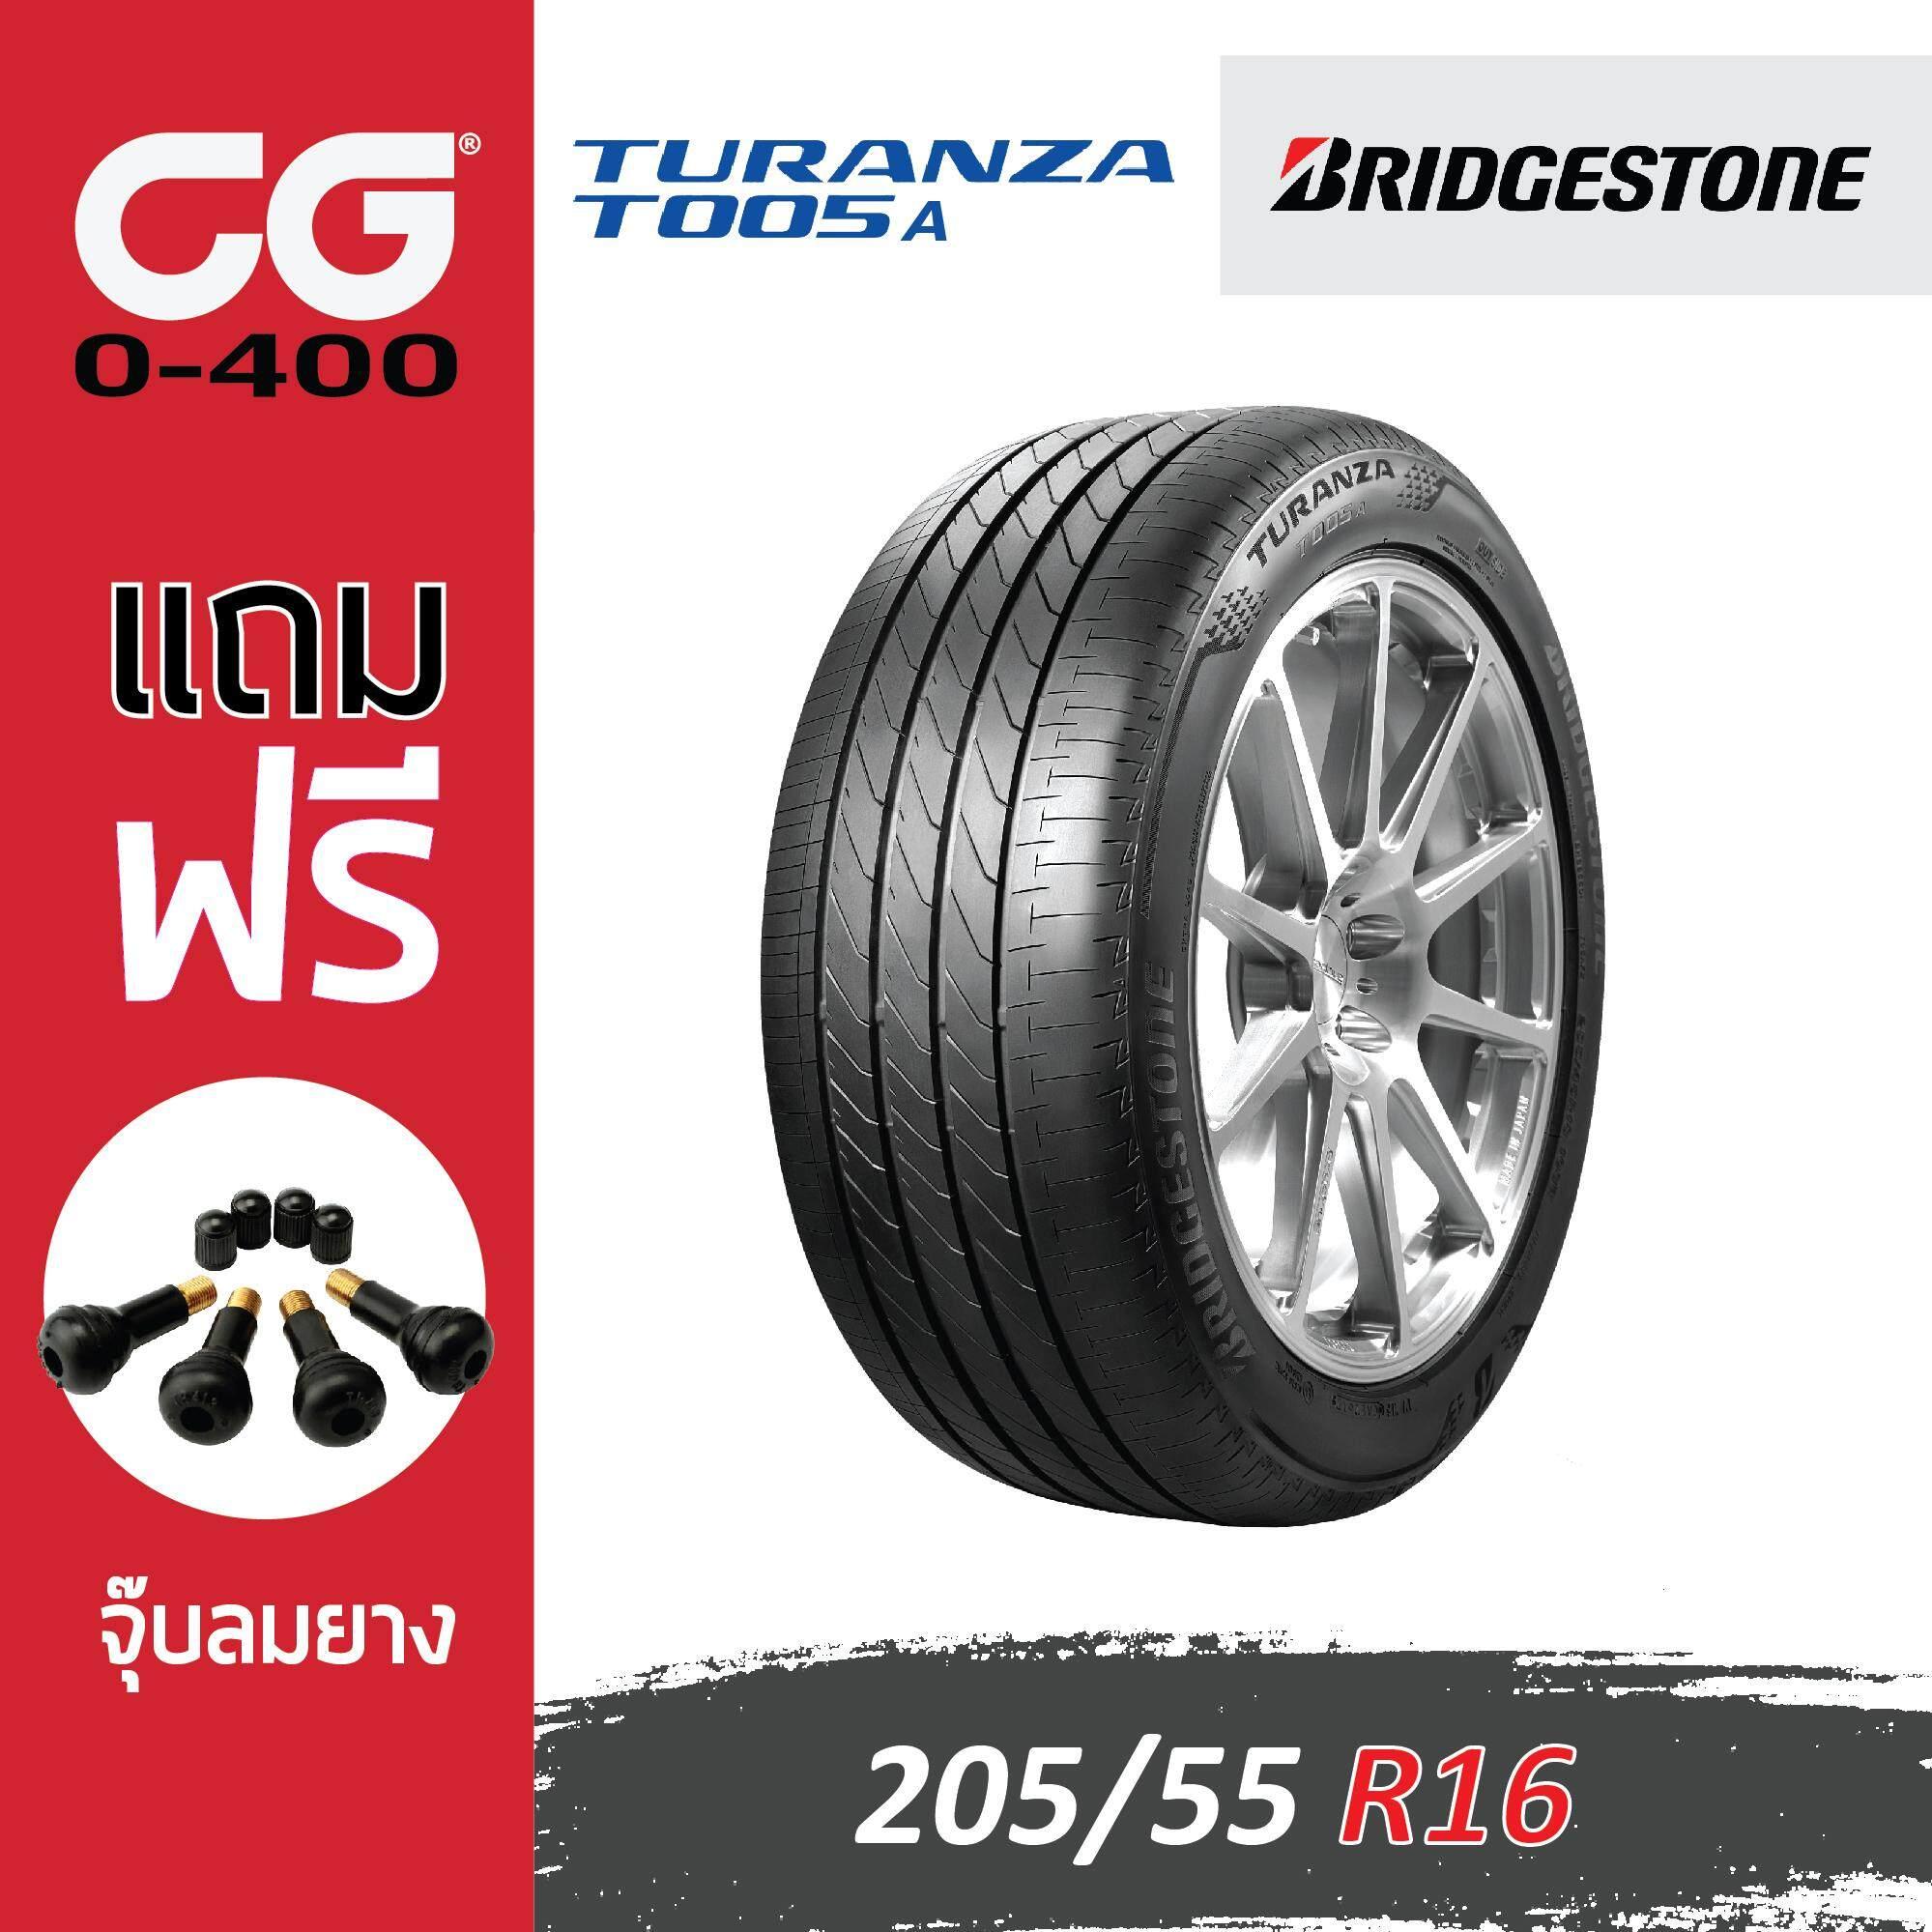 ประกันภัย รถยนต์ 3 พลัส ราคา ถูก ลำปาง ยางรถยนต์ Bridgestone Turanza T005A (205/55R16)